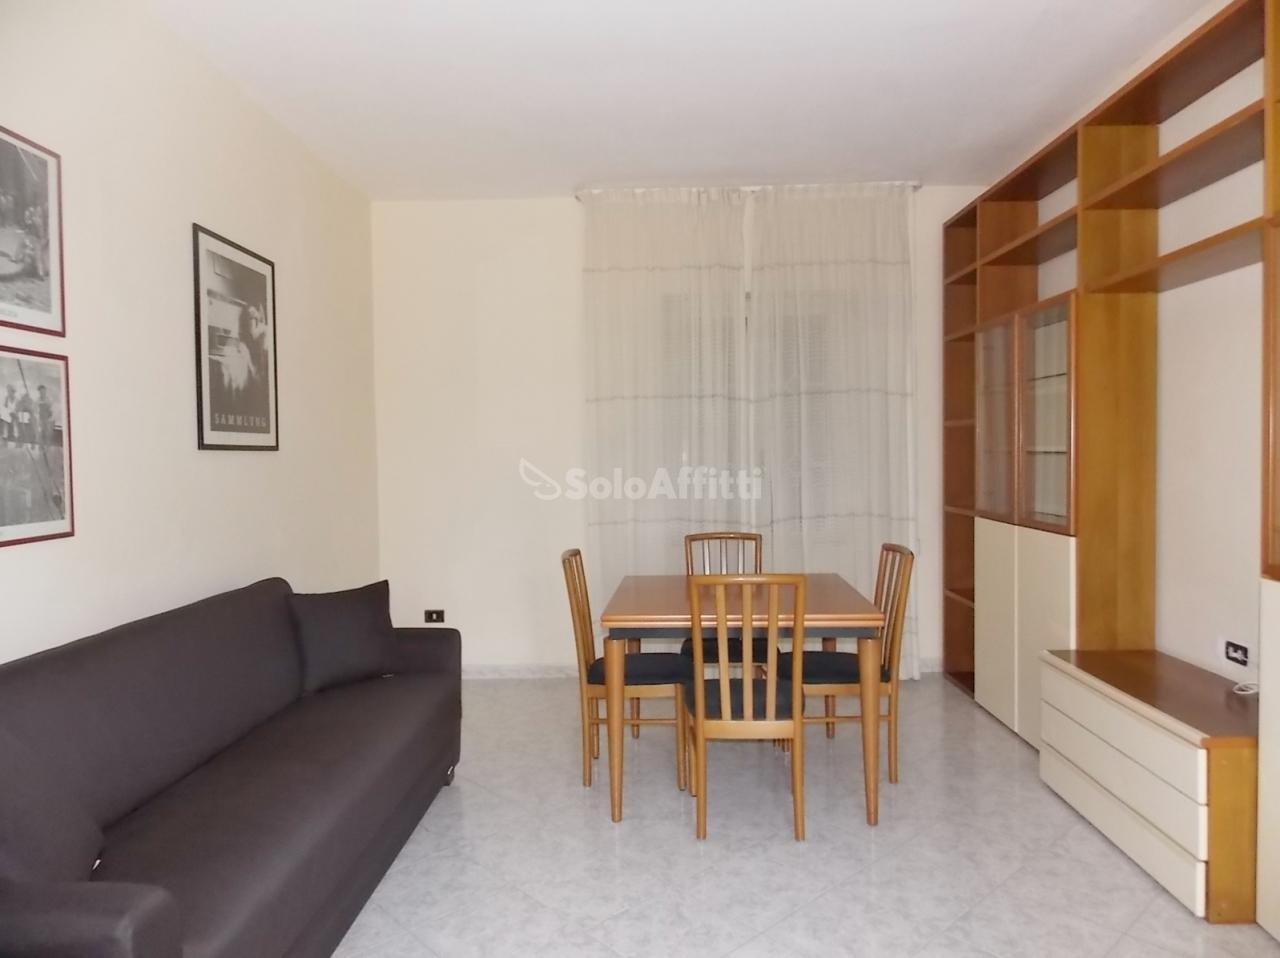 Appartamento, campagnella, Affitto/Cessione - Catanzaro